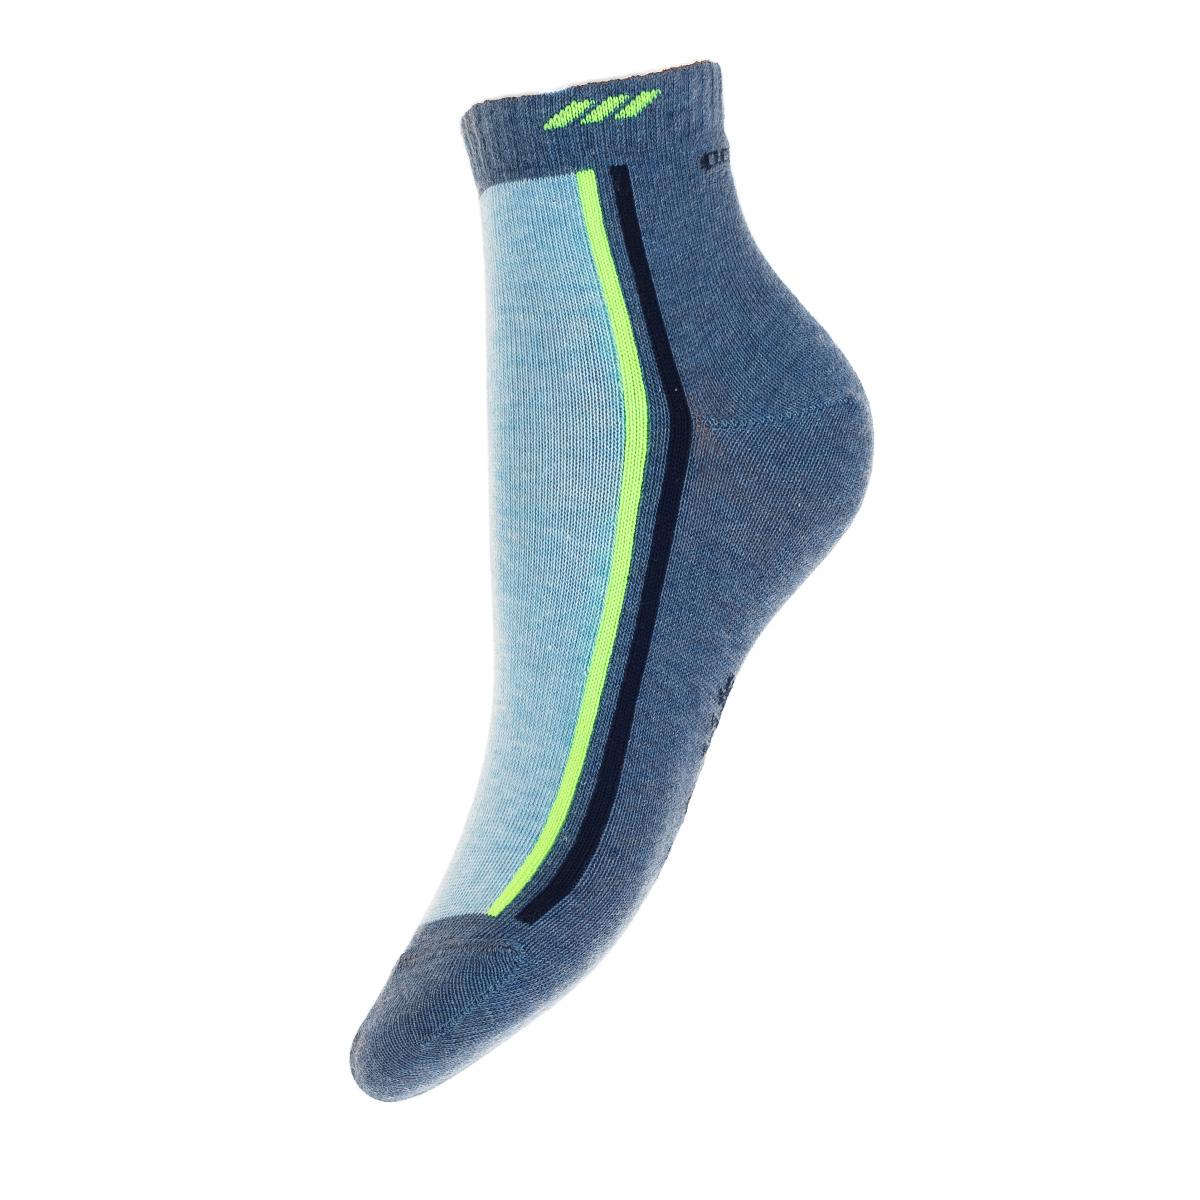 13411-236Удобные носочки для мальчика Conte-Kids Active, изготовленные из высококачественного комбинированного материала, очень мягкие и приятные на ощупь, позволяют коже дышать. Модель оформлена эластичной резинкой в паголенке, которая плотно облегает ногу, обеспечивая комфорт и удобство.